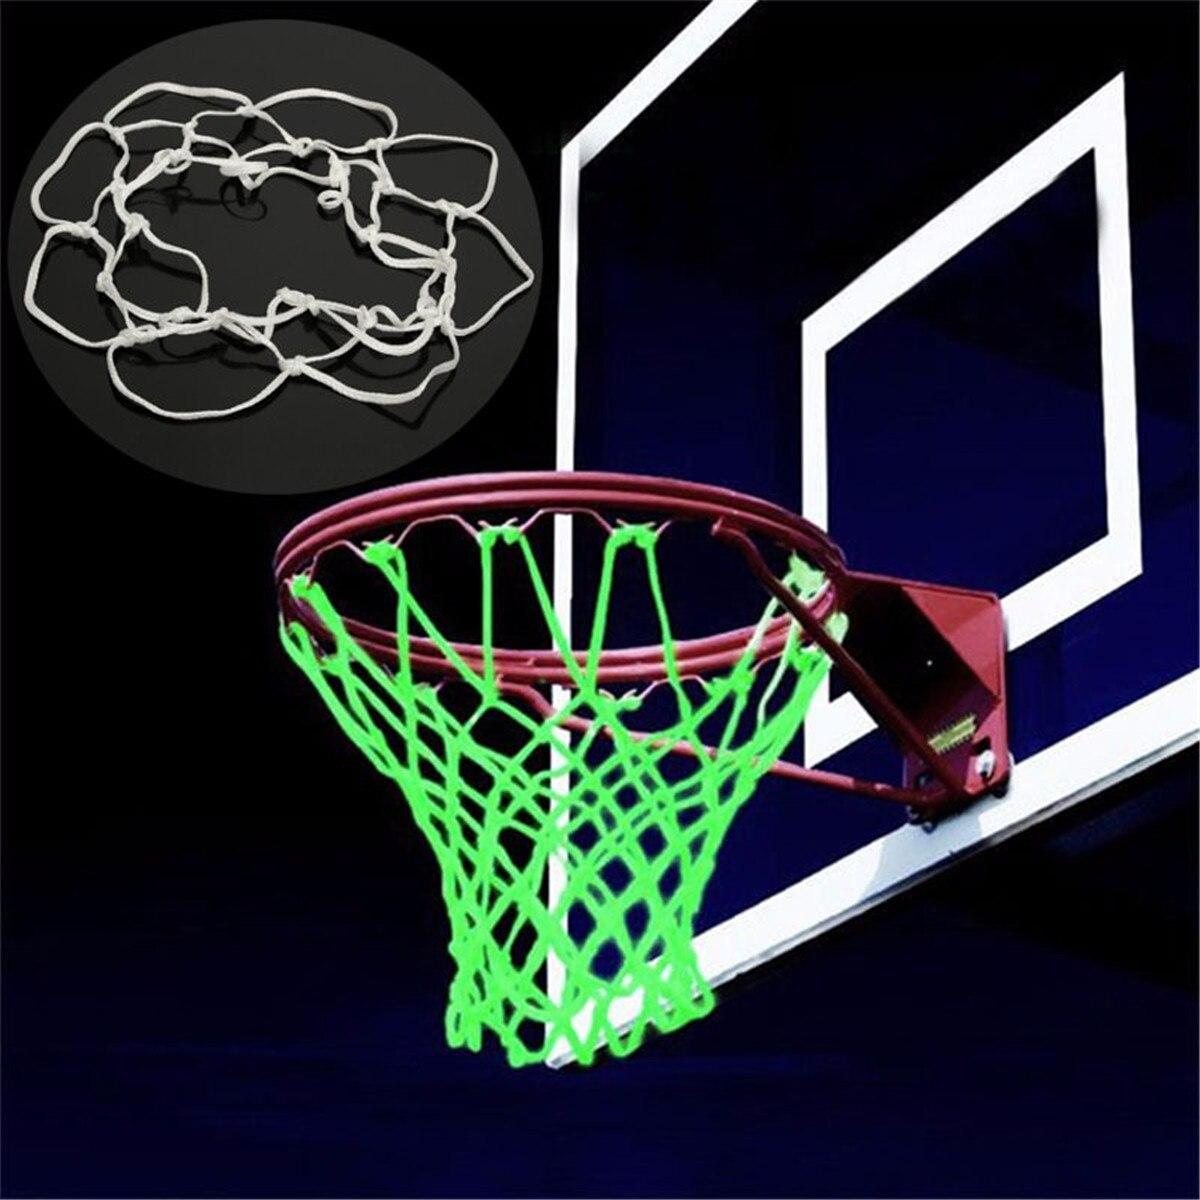 Светящийся в темноте спортивный нейлоновый баскетбольный обруч для занятий спортом на открытом воздухе, тренировочный костюм для детей, аксессуары для баскетбола, белый цвет, 20 см